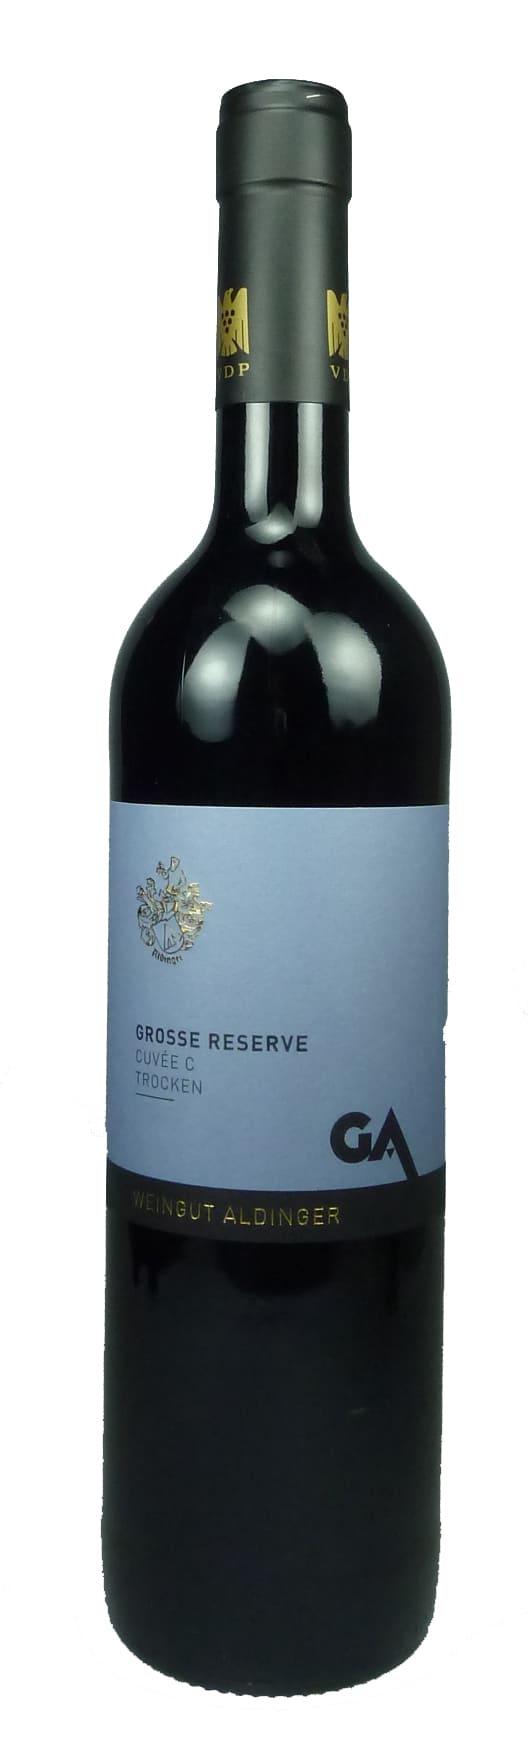 Cabernet Sauvignon Reserve Qualitätswein trocken 2016